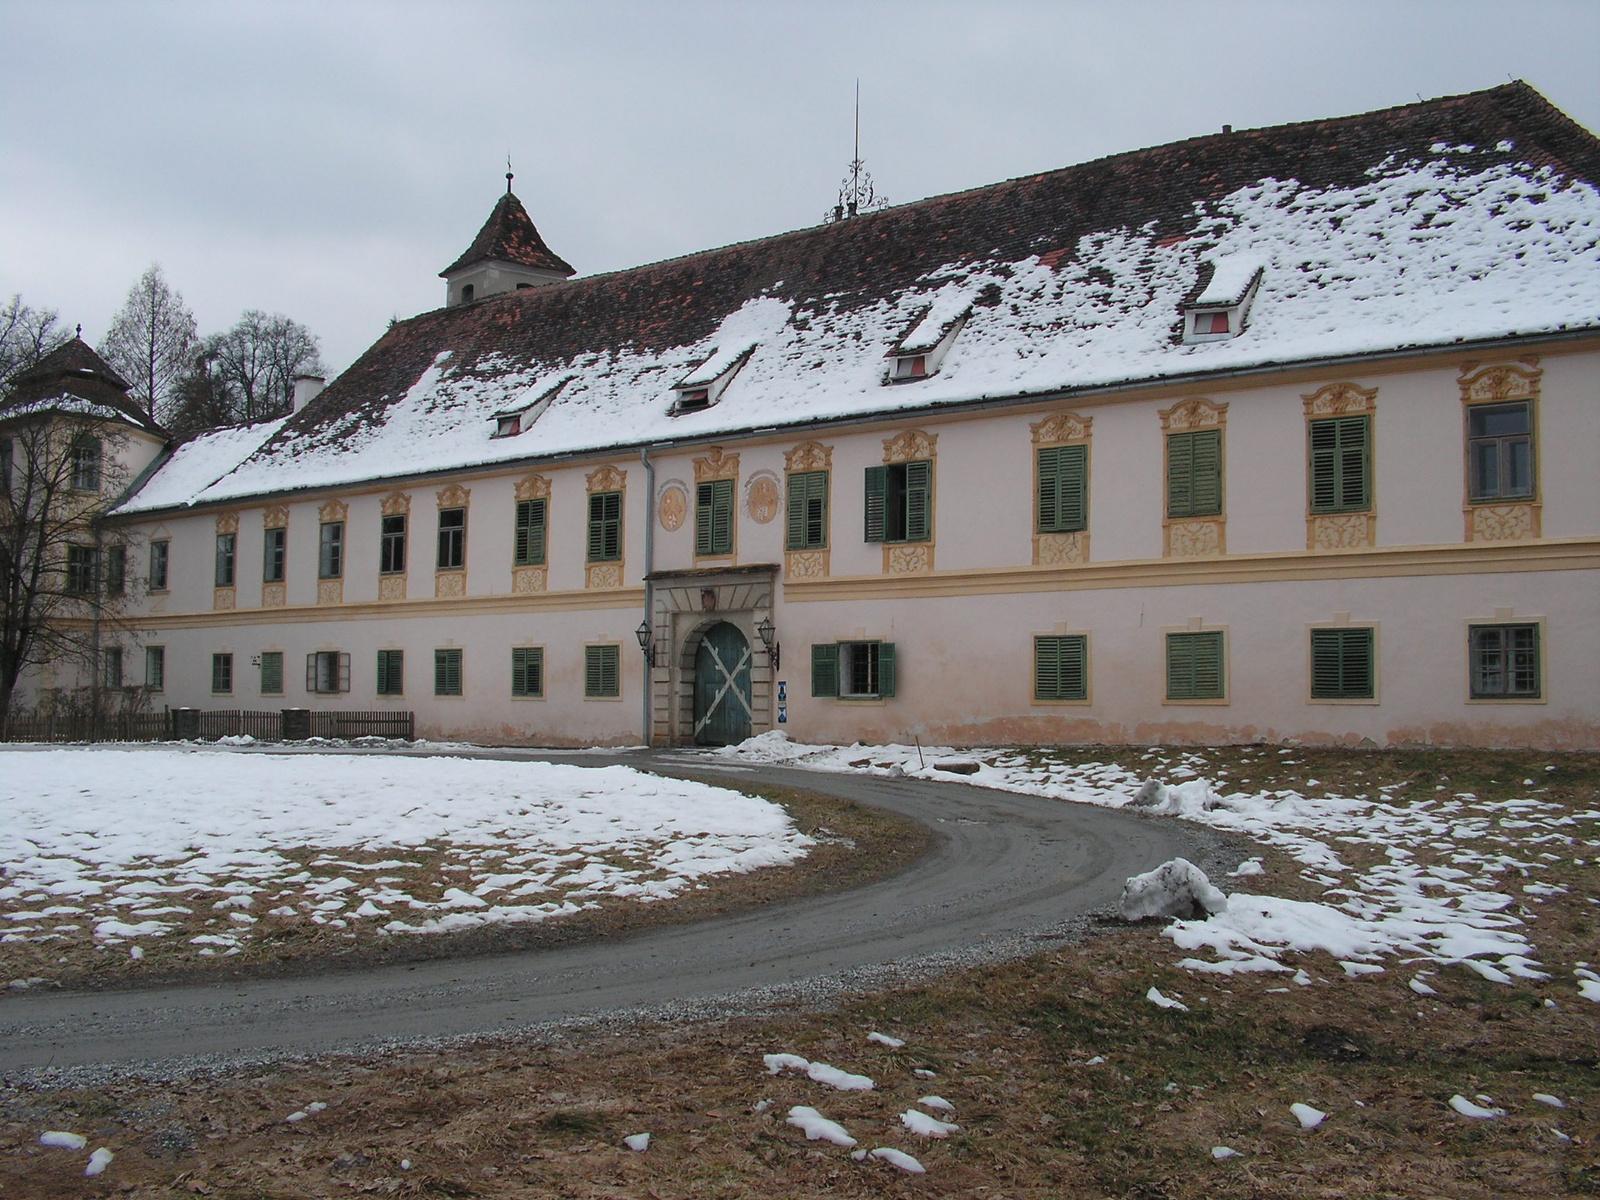 Ausztria, Feistritz bei Ilz, a Feistritz kastély, SzG3